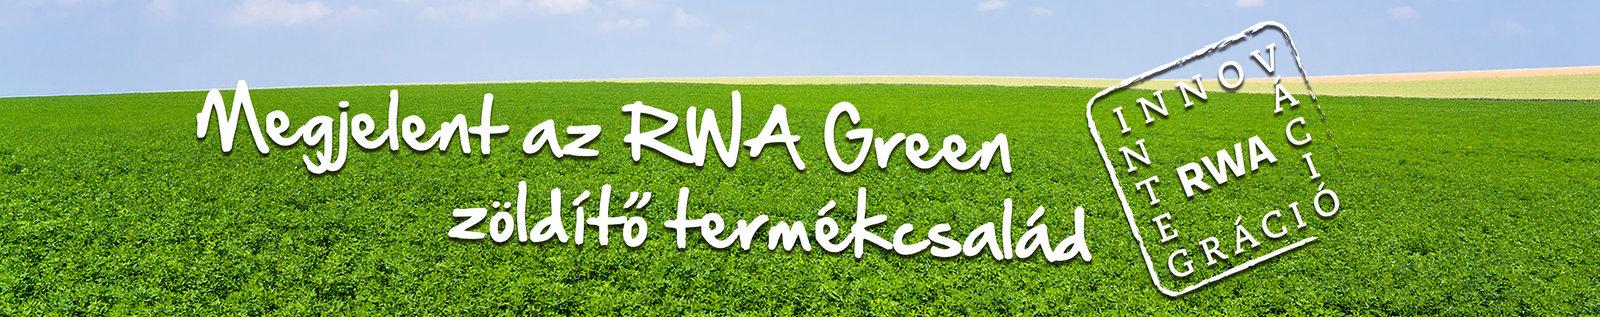 RWA green banner_3